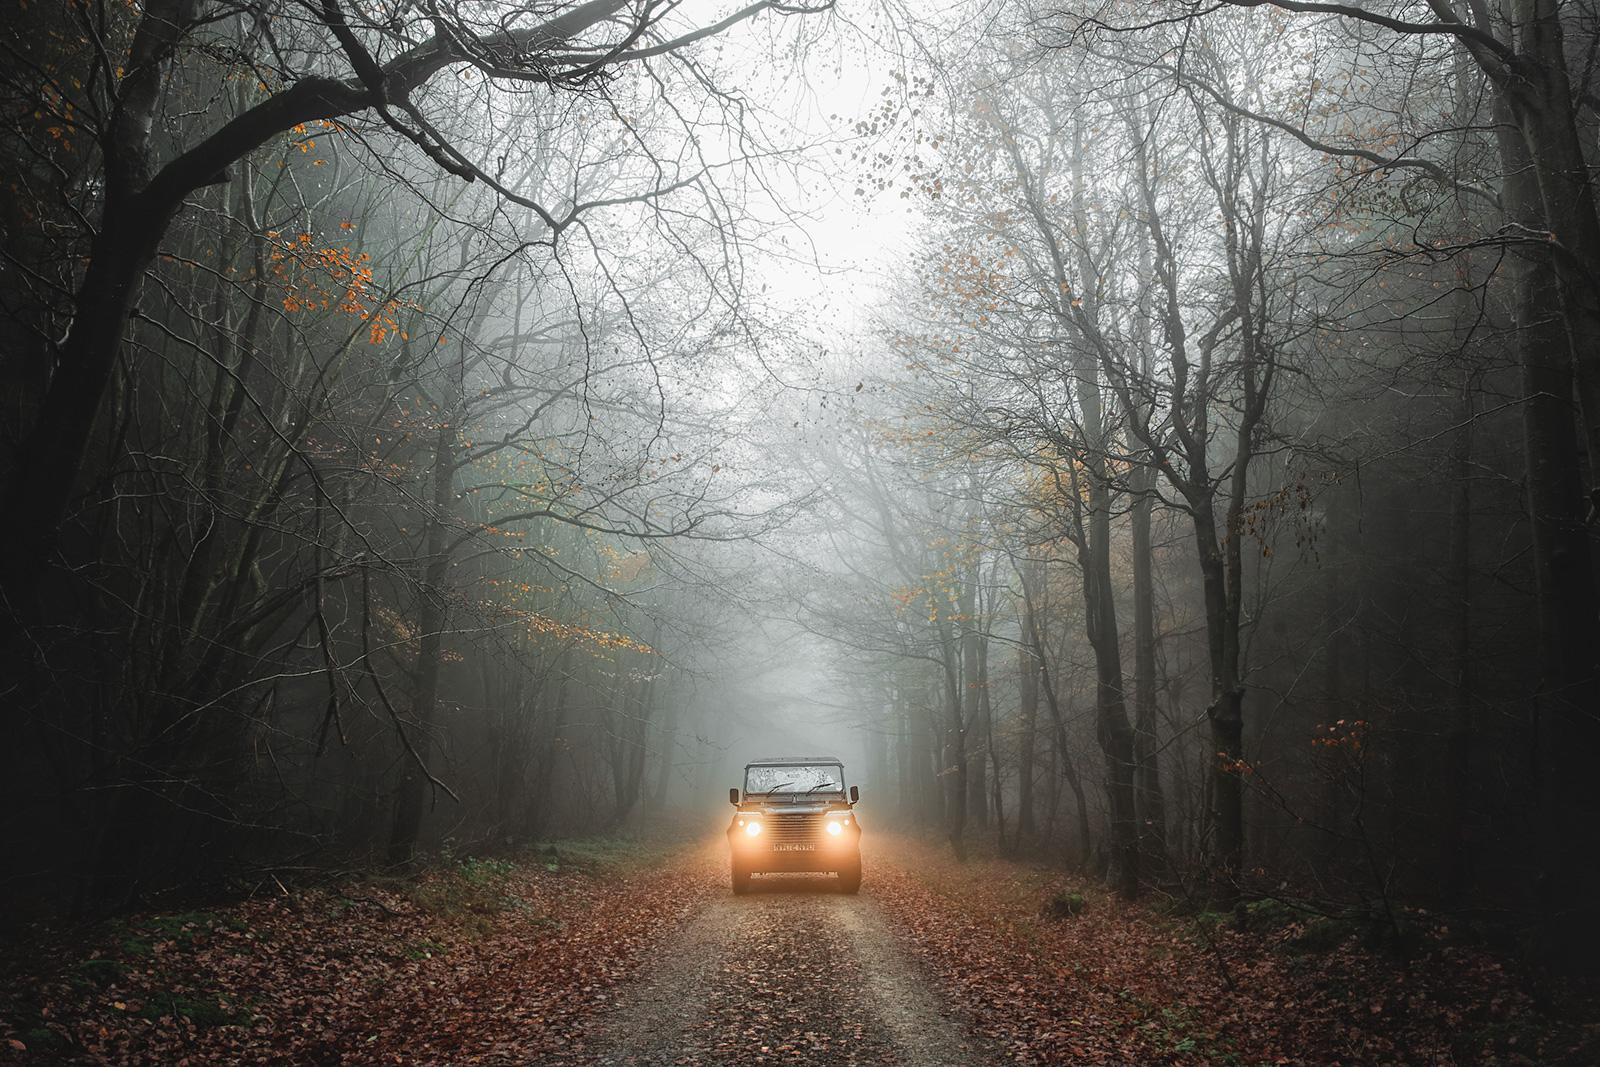 Land-Rover---November-2014---1600.jpg